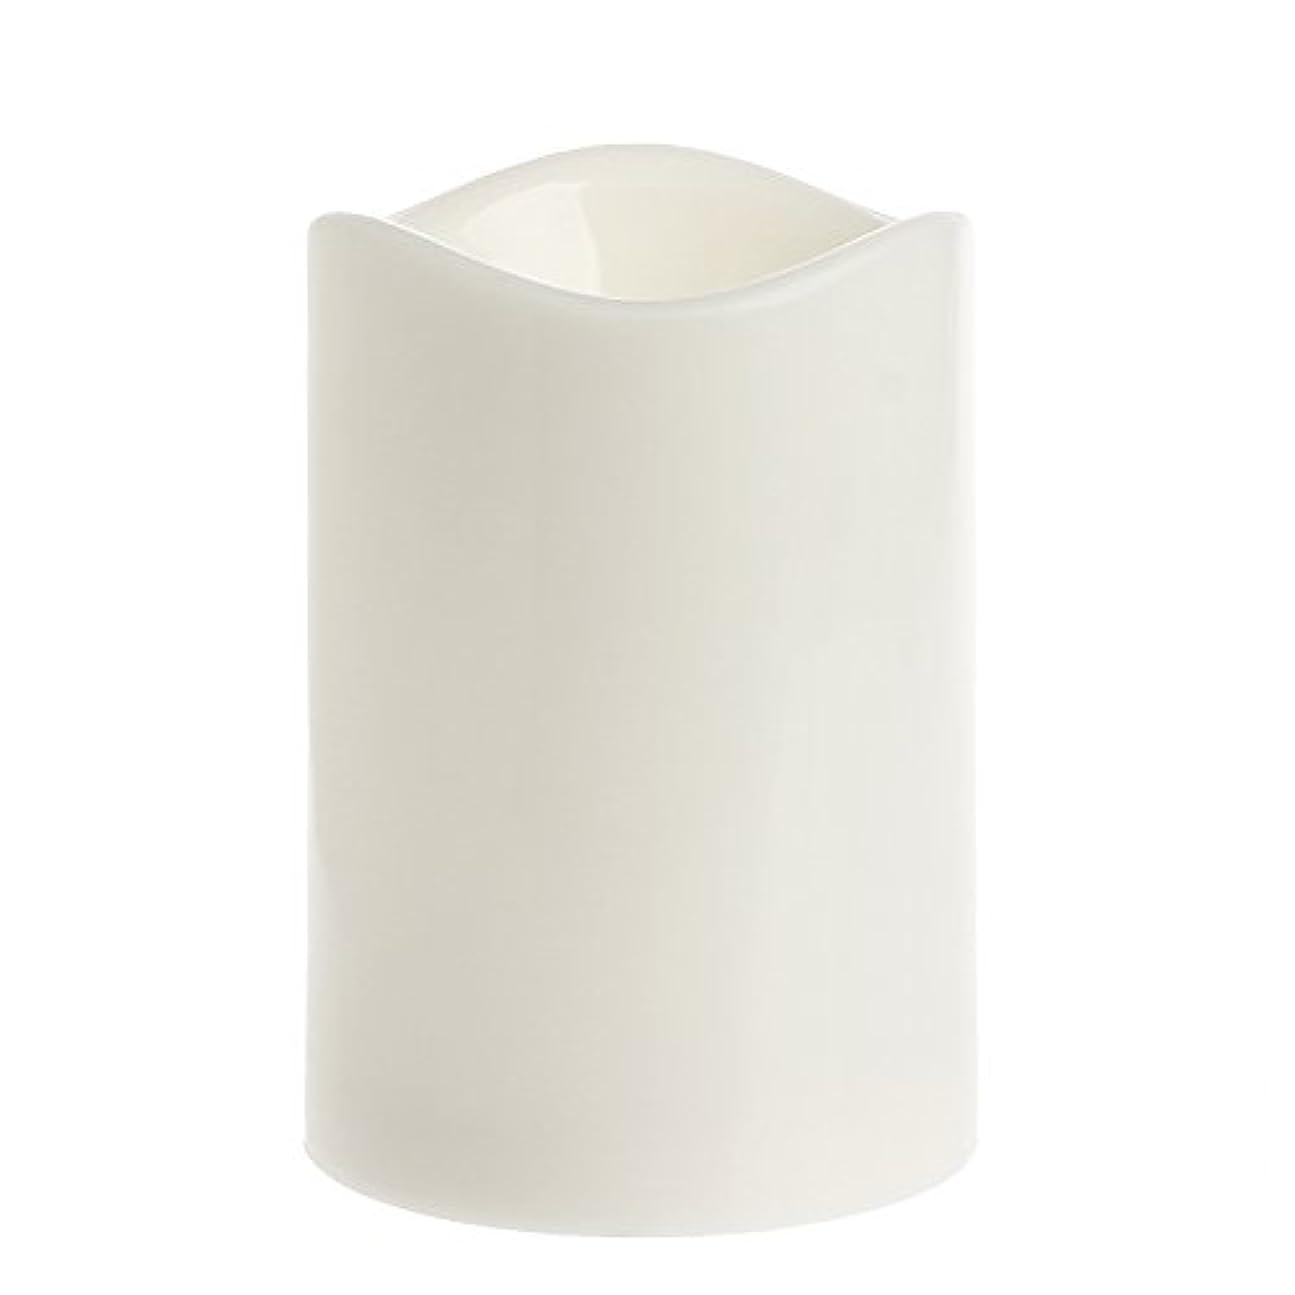 ホーン不公平野なSimpleLife ロマンチックなFlameless LED電子キャンドルライト結婚式の香りワックスホームインテリア13 * 7.5センチメートル